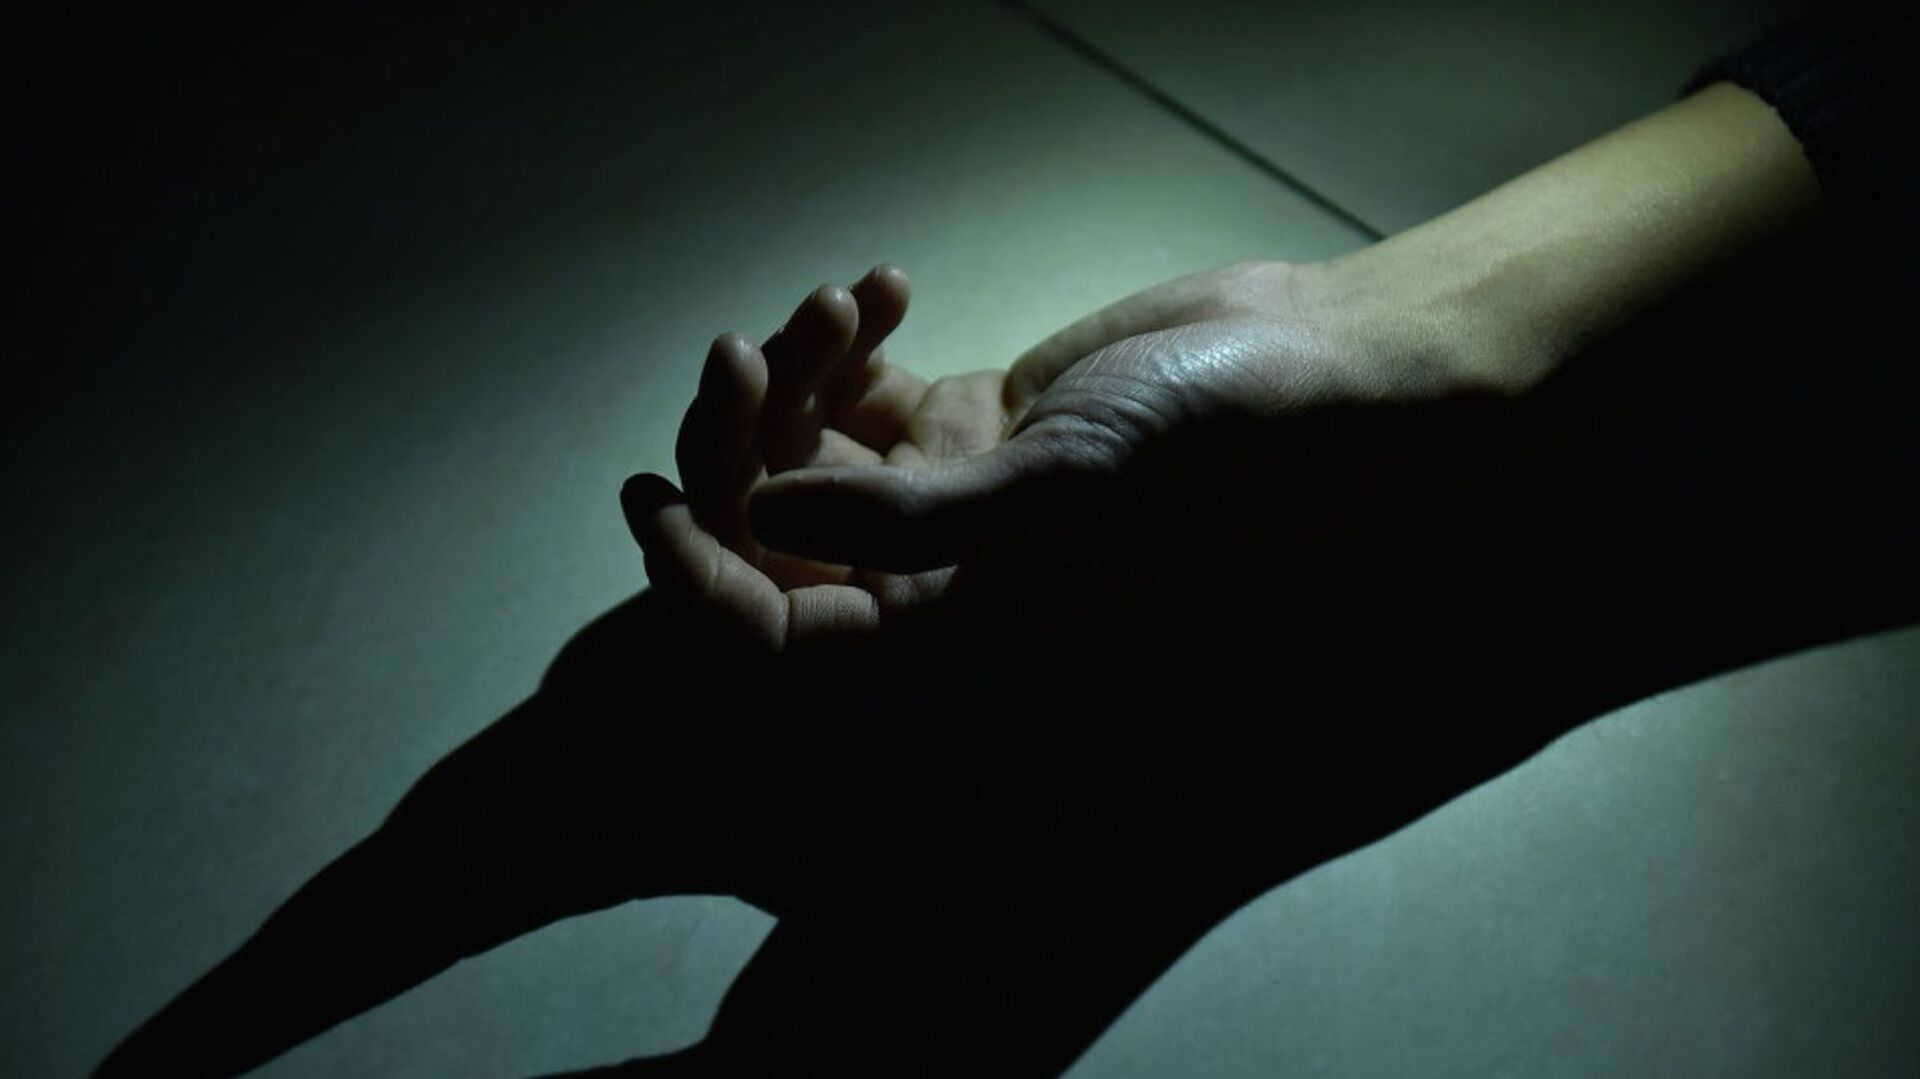 Рука человека - Sputnik Узбекистан, 1920, 28.02.2021